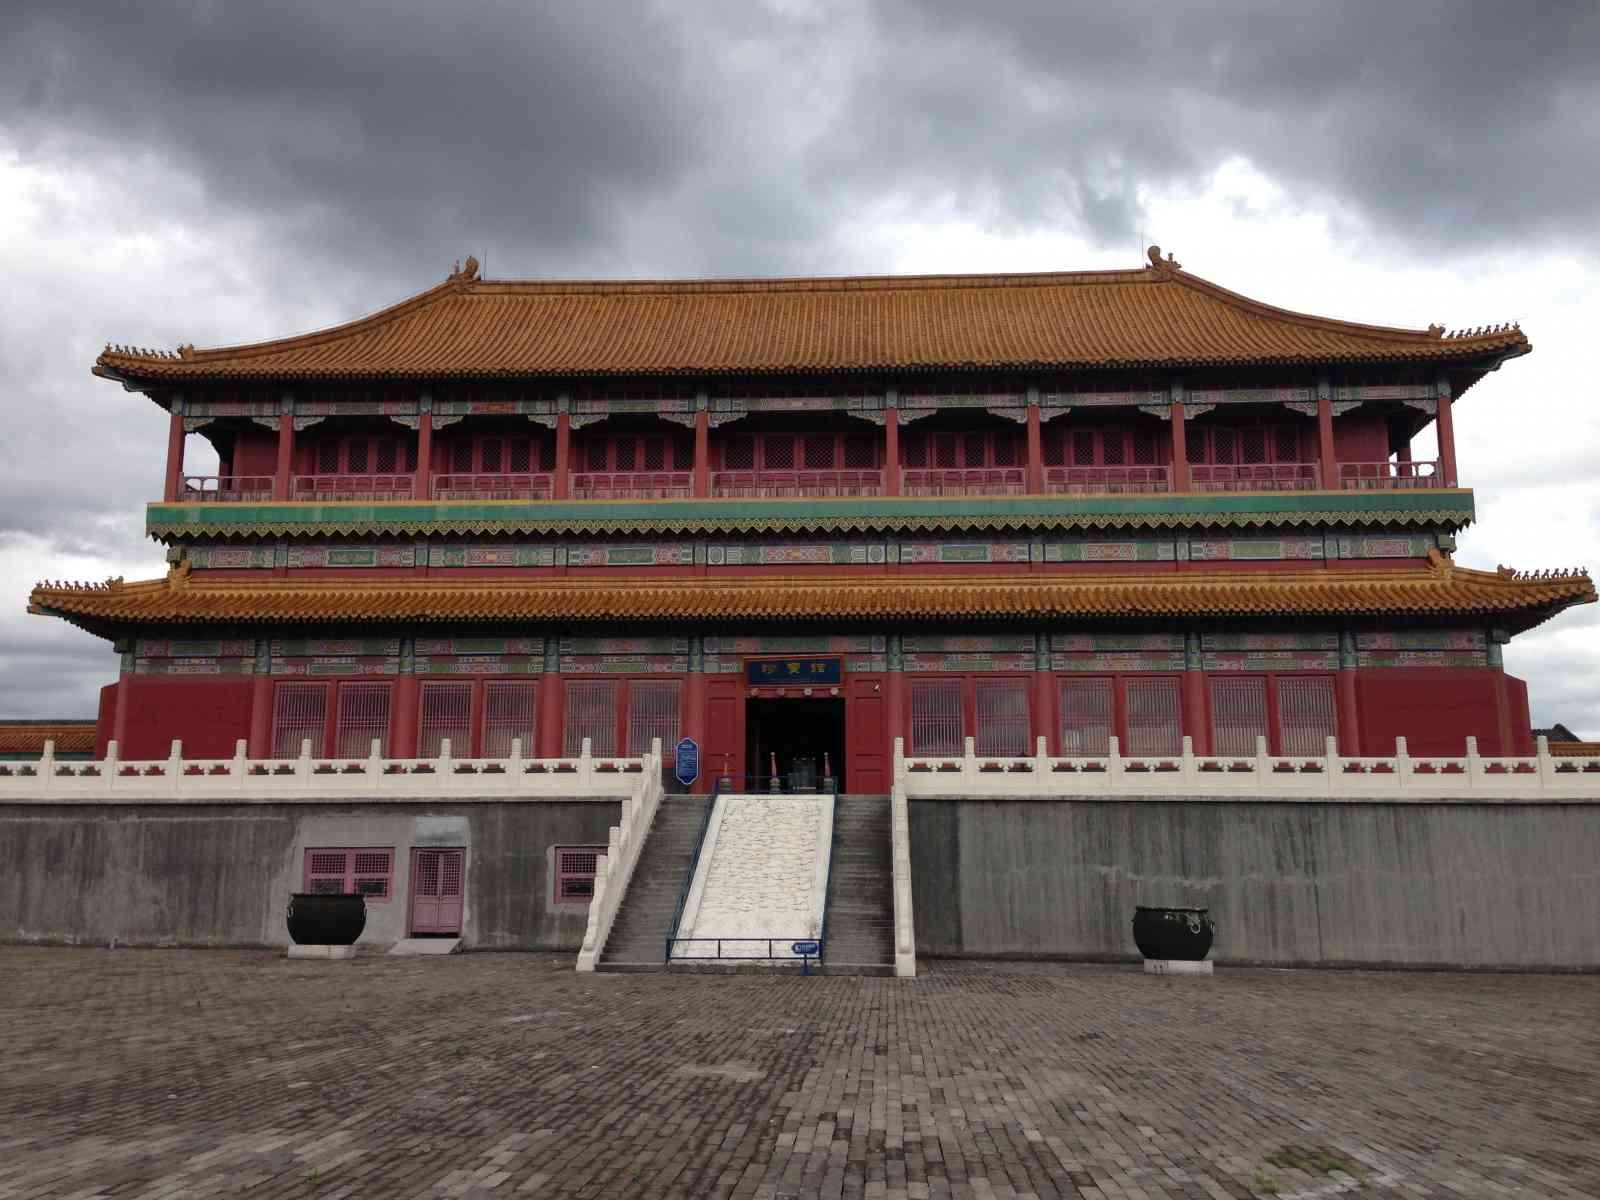 永利皇宫官网:拜占庭皇帝的宫殿具体是一个怎么样的建筑?